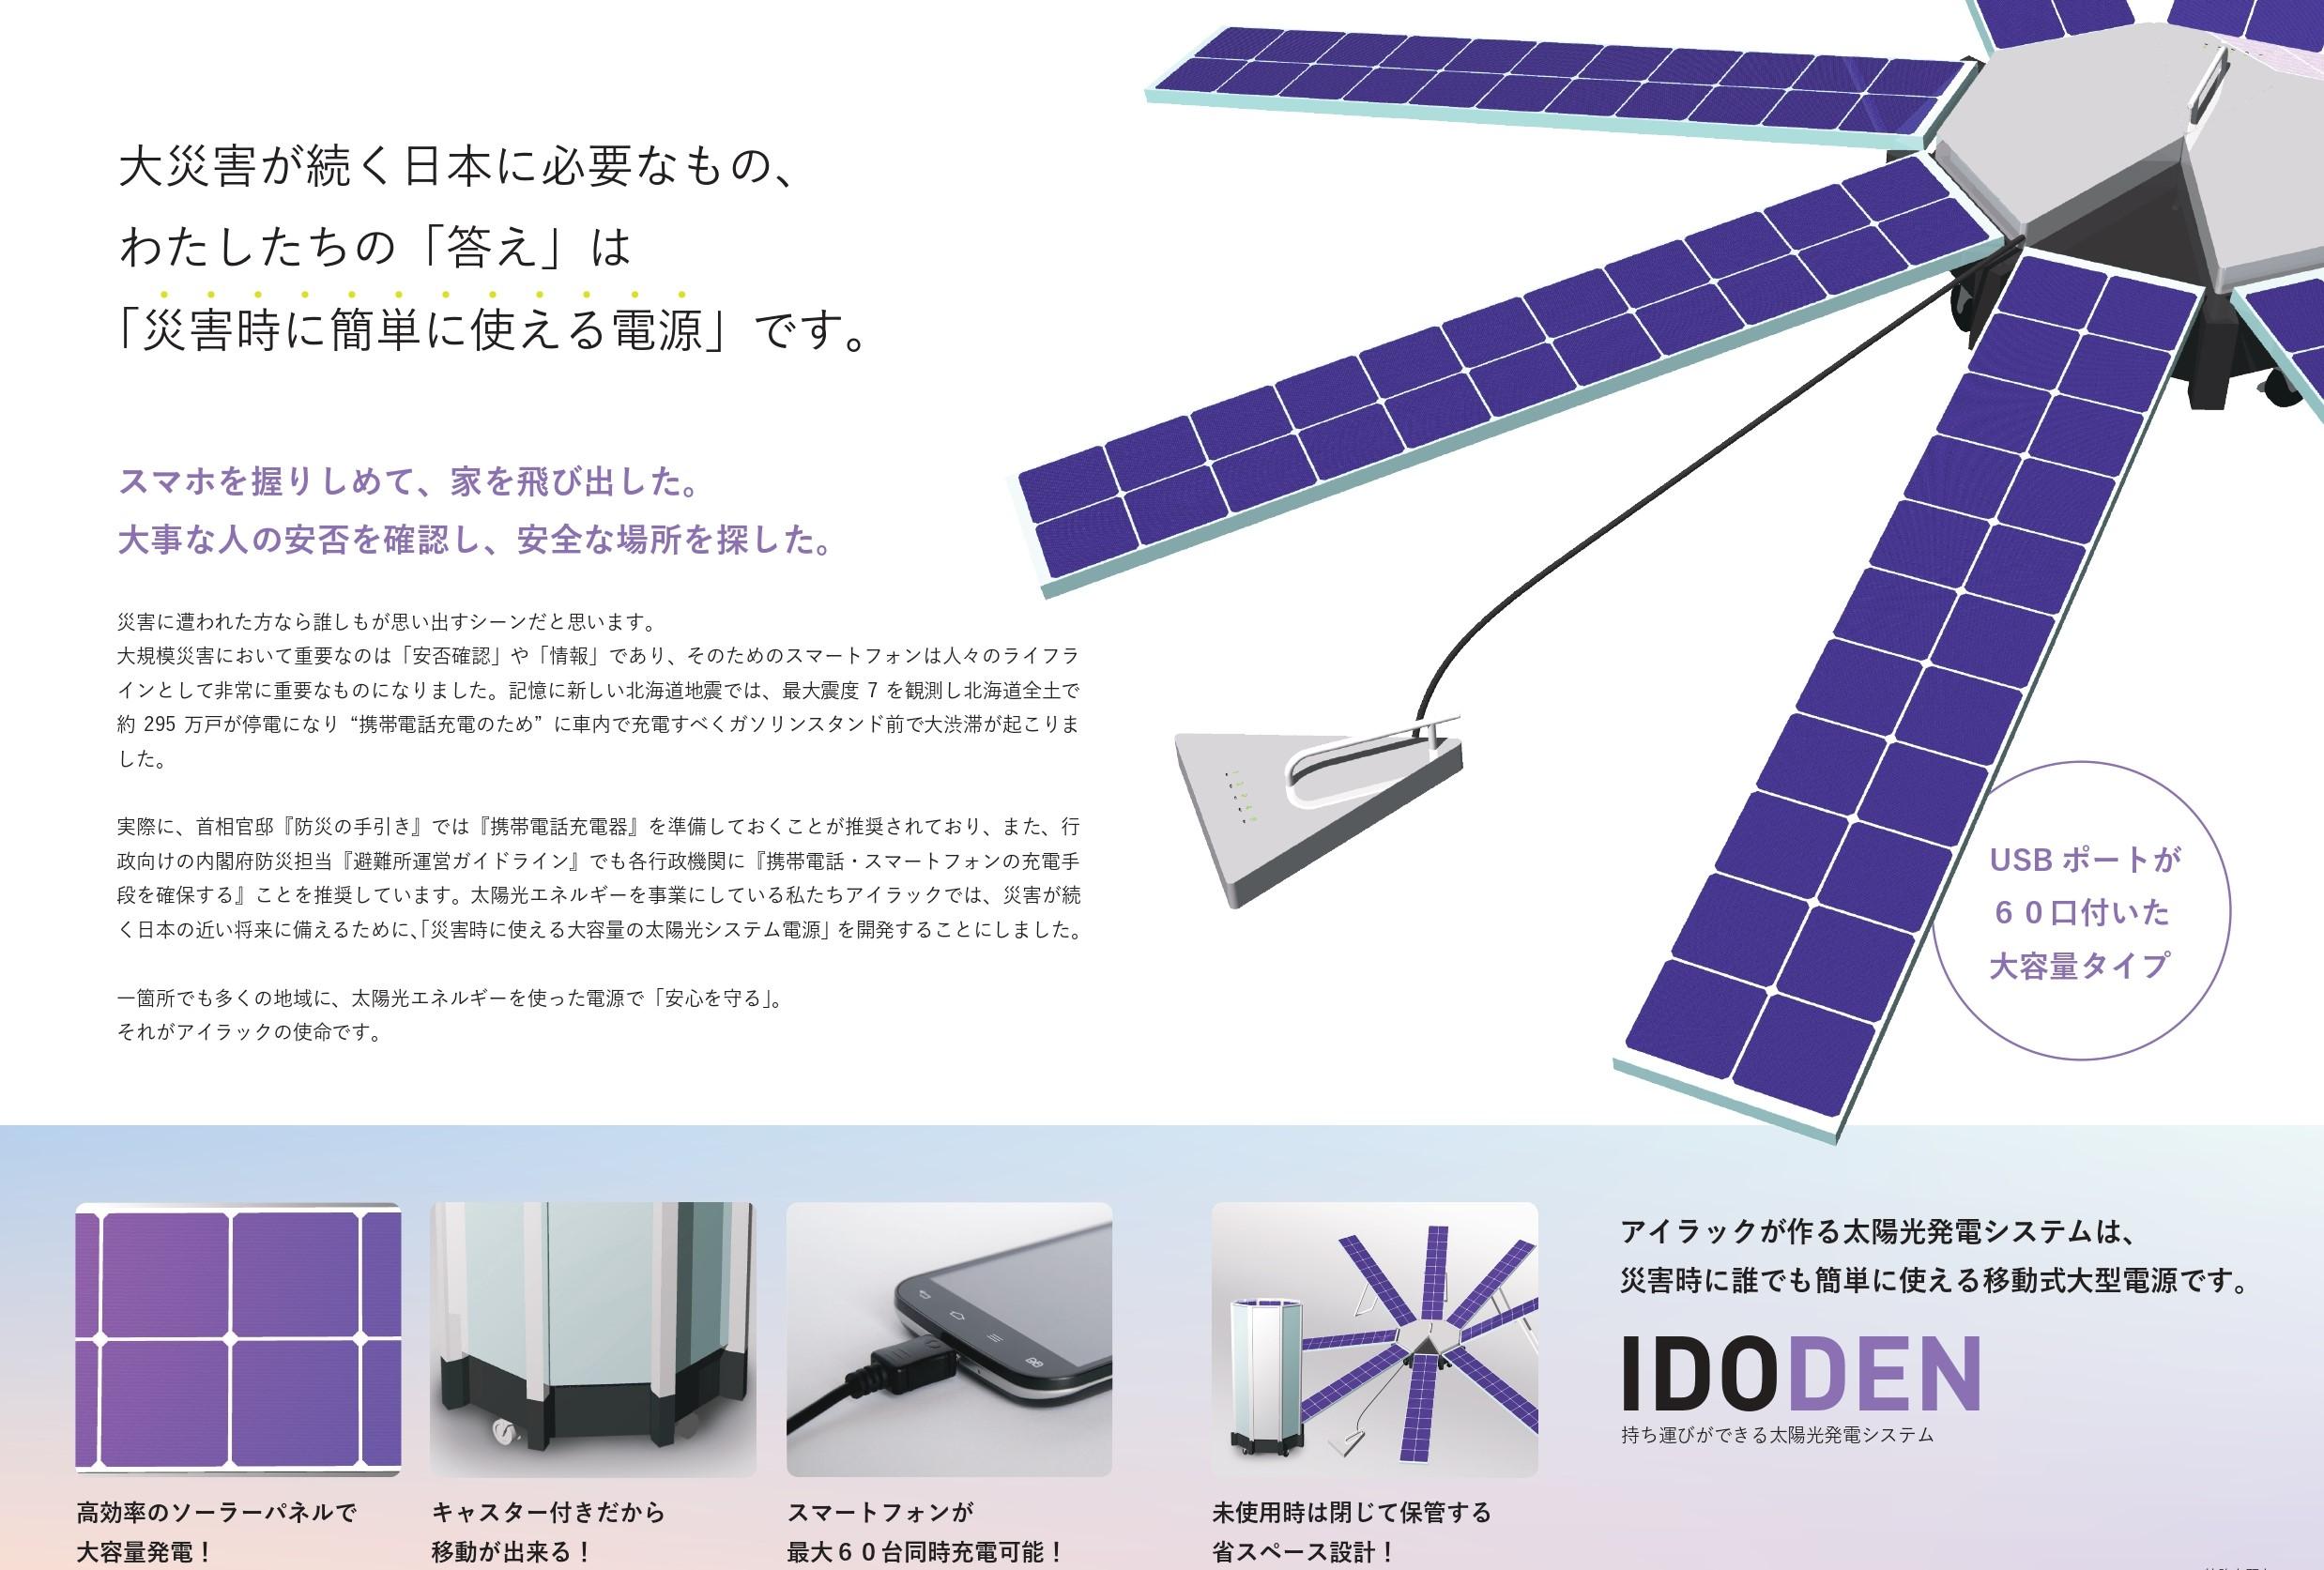 IDODEN(移動式大型発電機)